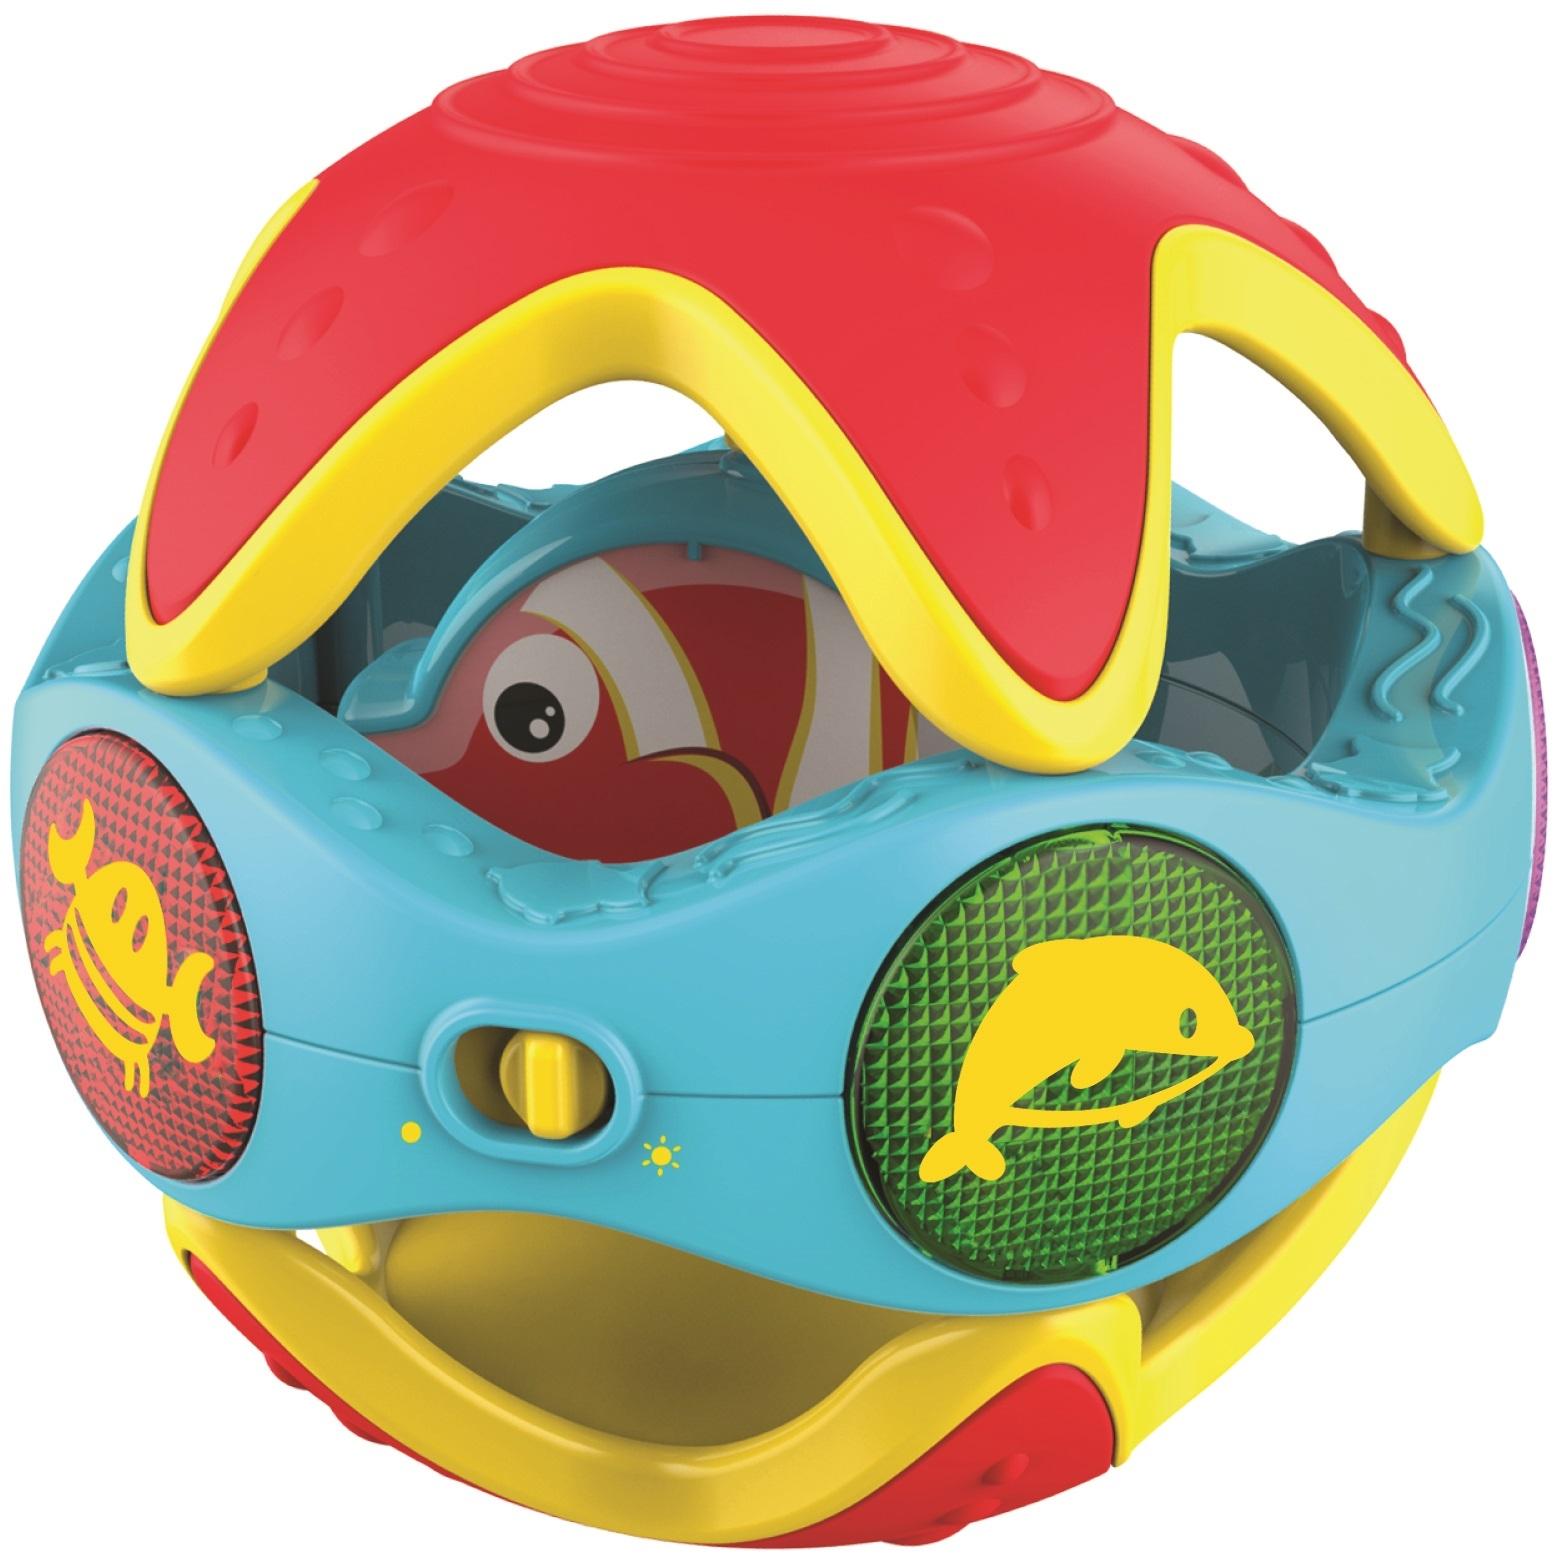 Развивающая игрушка Kidz Delight Интерактивный шар